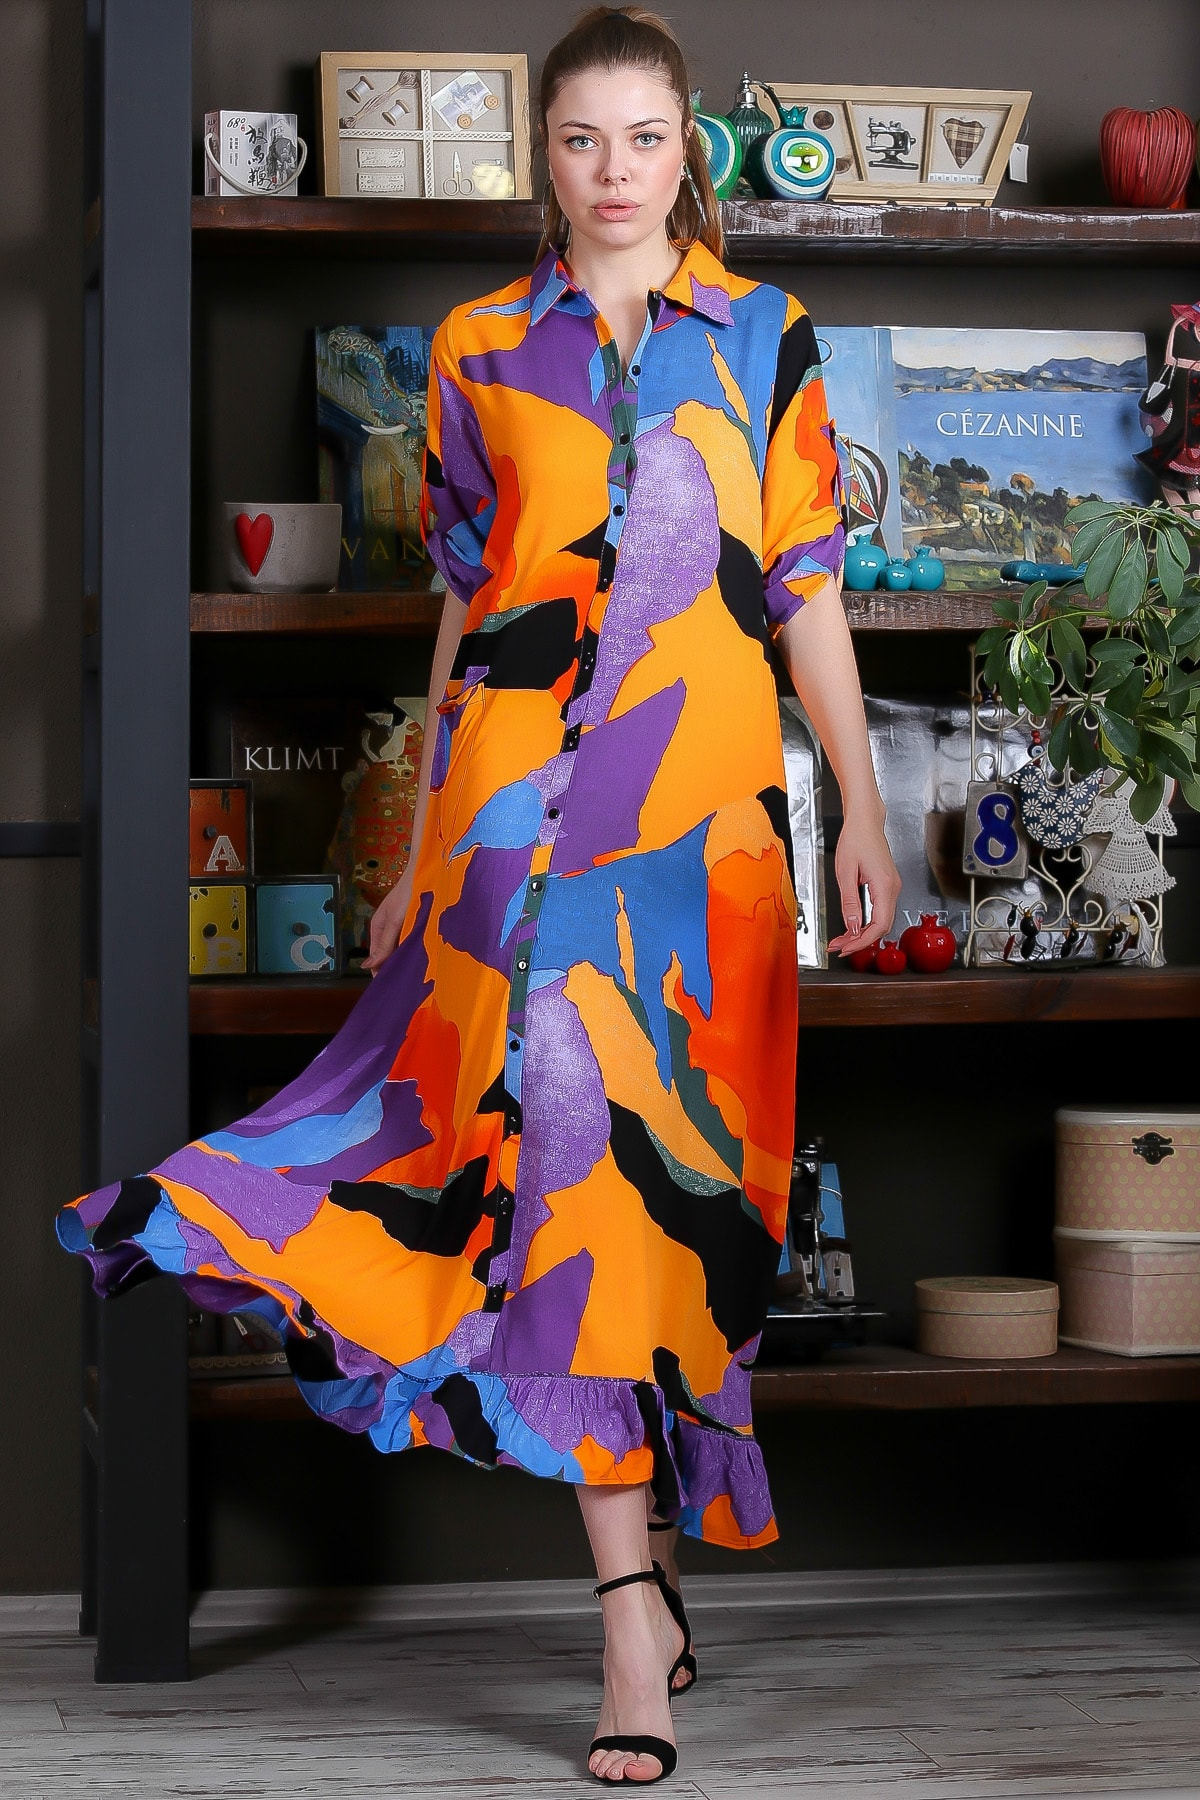 Chiccy Kadın Turuncu-Mavi Kübist Desen Düğme Detaylı Etek Ucu Fırfırlı Uzun Gömlek Elbise M10160000EL95462